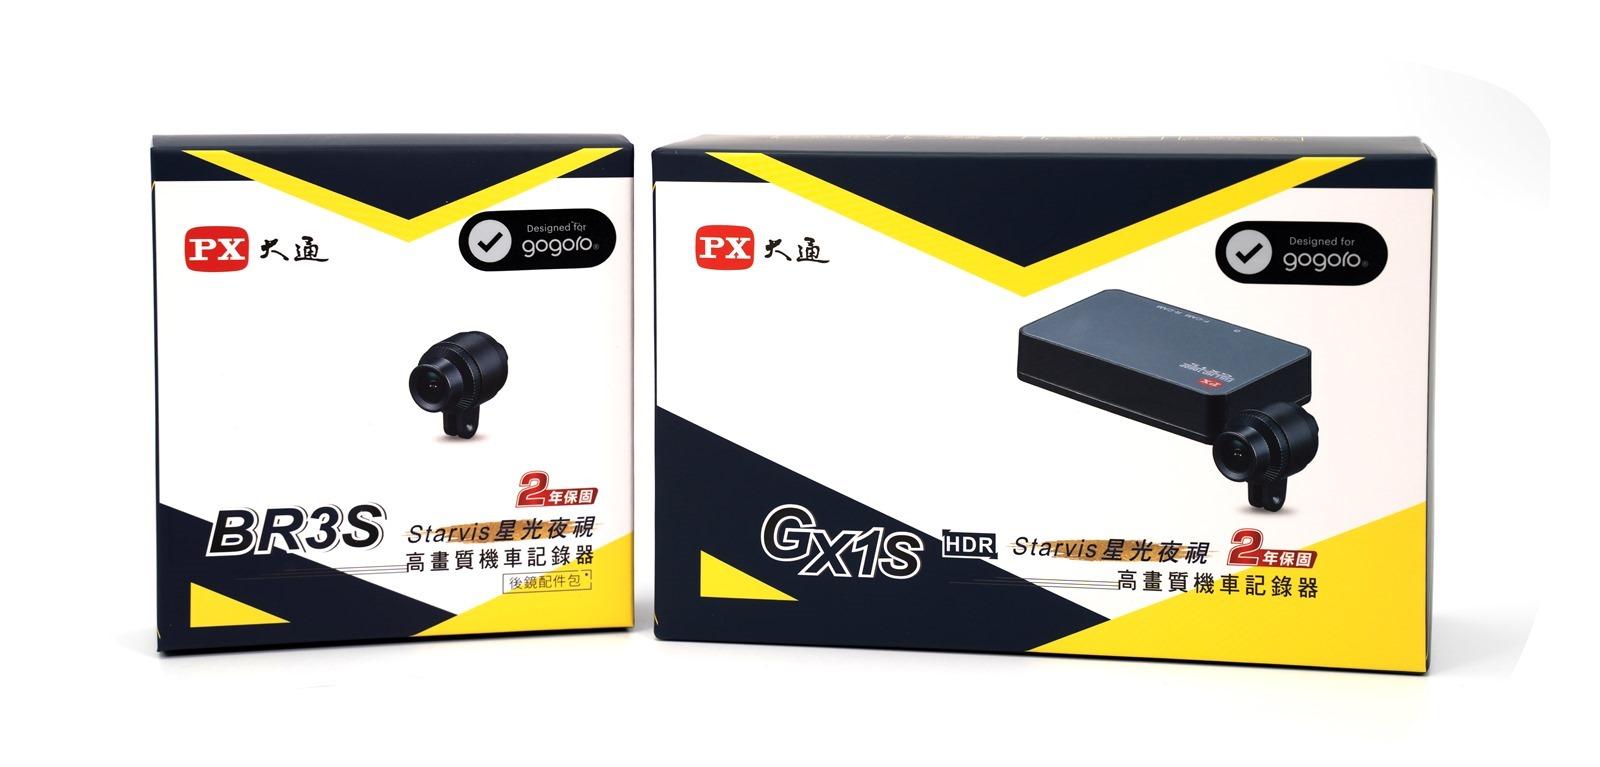 GOGORO 必備!PX 大通新款 GX1S HDR Starvis 星光夜視高畫質機車記錄器! @3C 達人廖阿輝